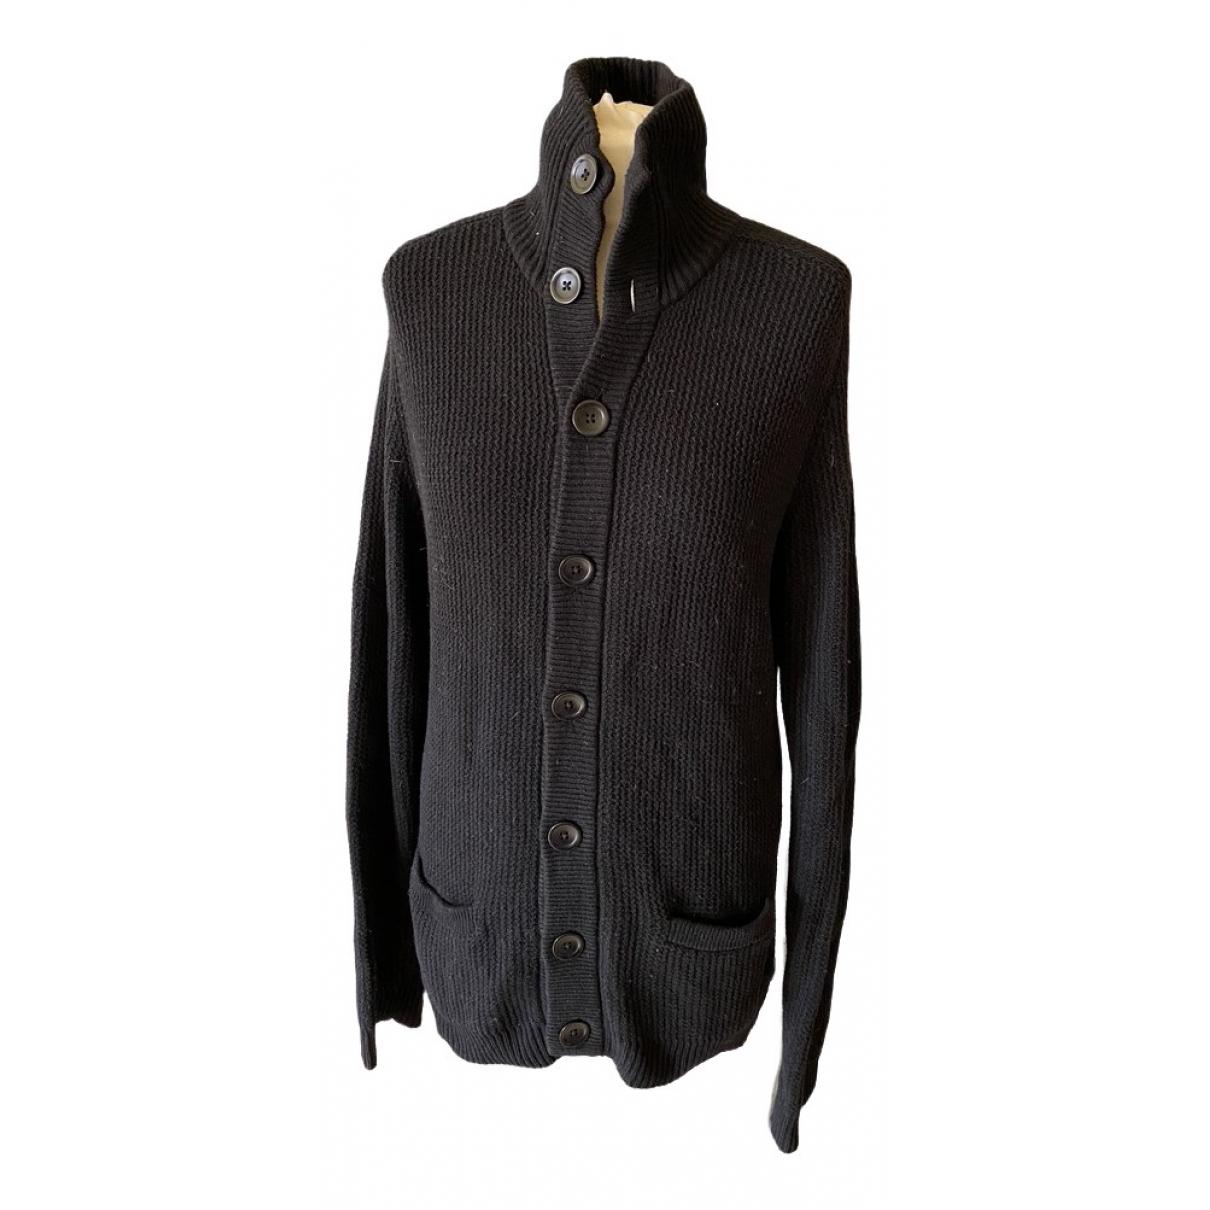 Filippa K \N Pullover.Westen.Sweatshirts  in  Schwarz Wolle